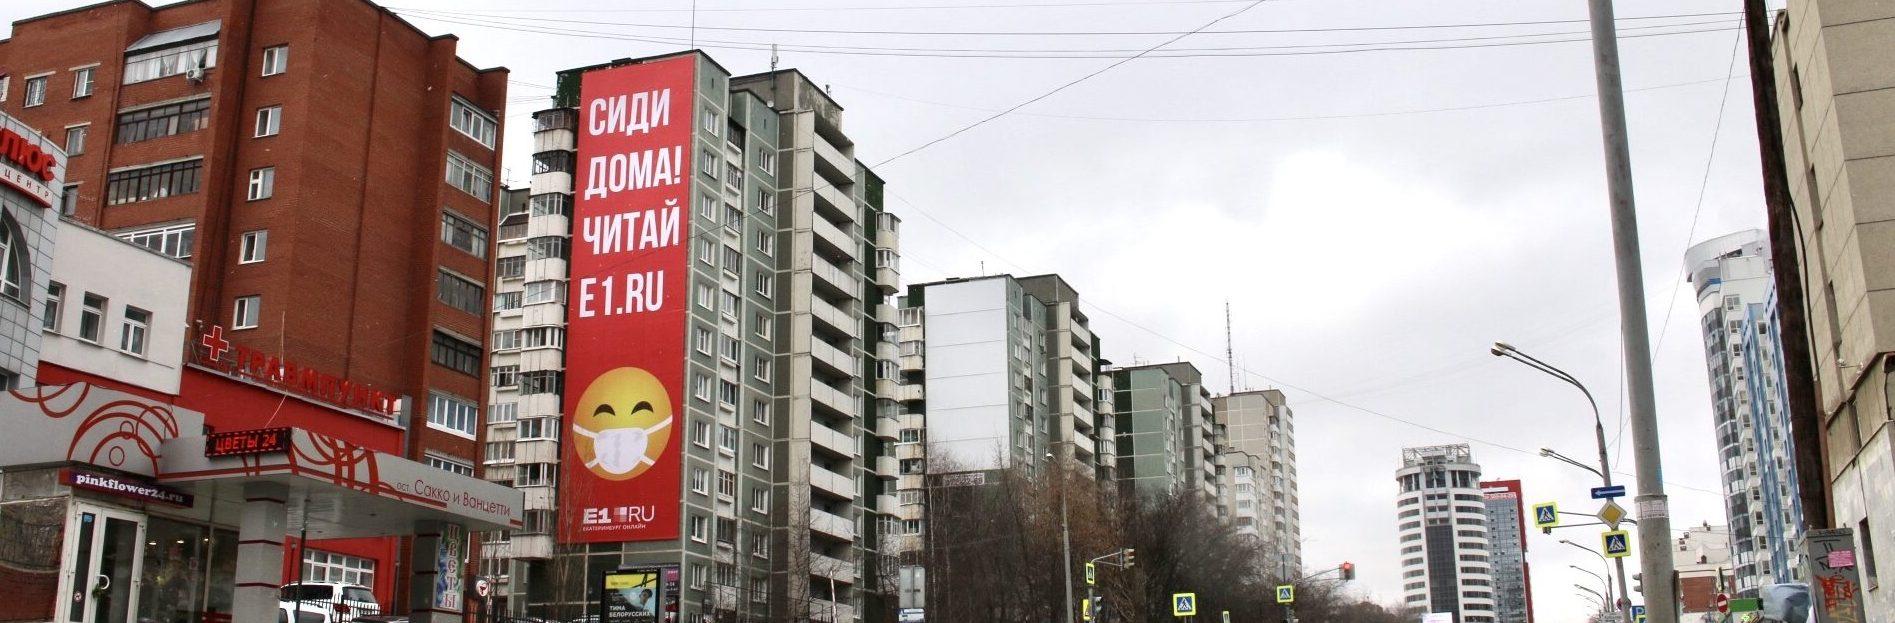 Размещение брандмауэра в центре Екатеринбурга для портала E1.RU